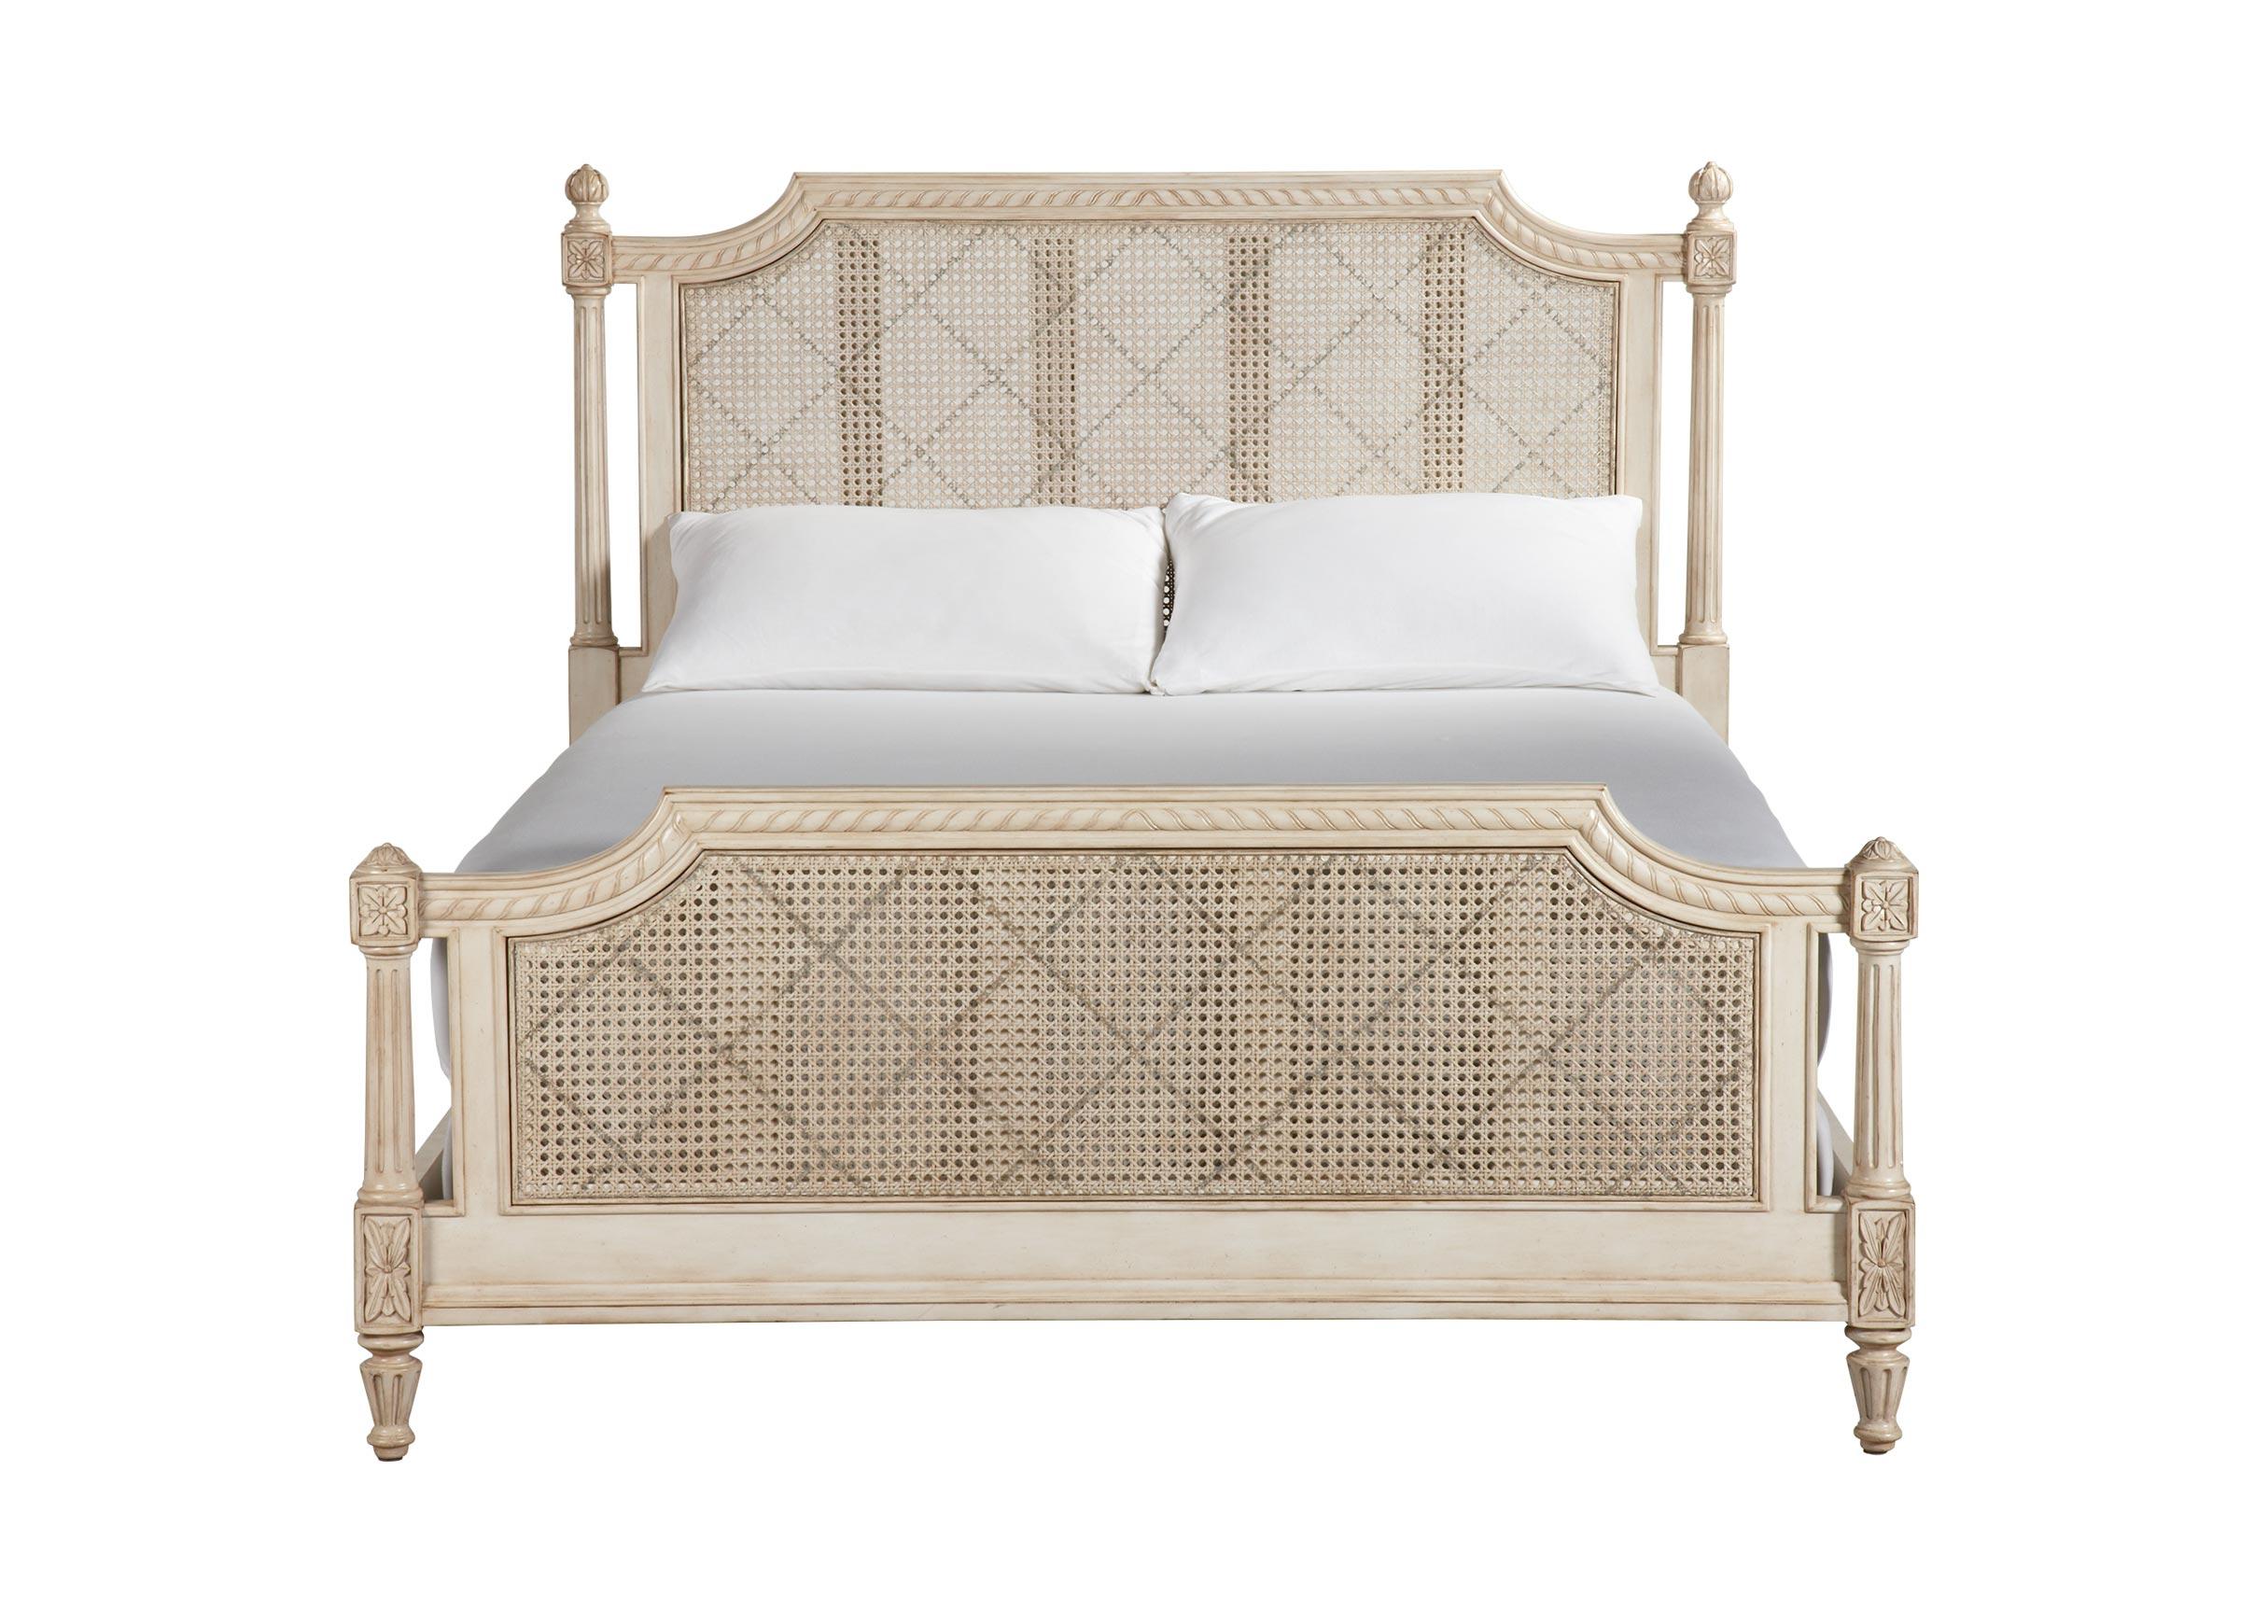 Elise Bed Vintage Linen Beds